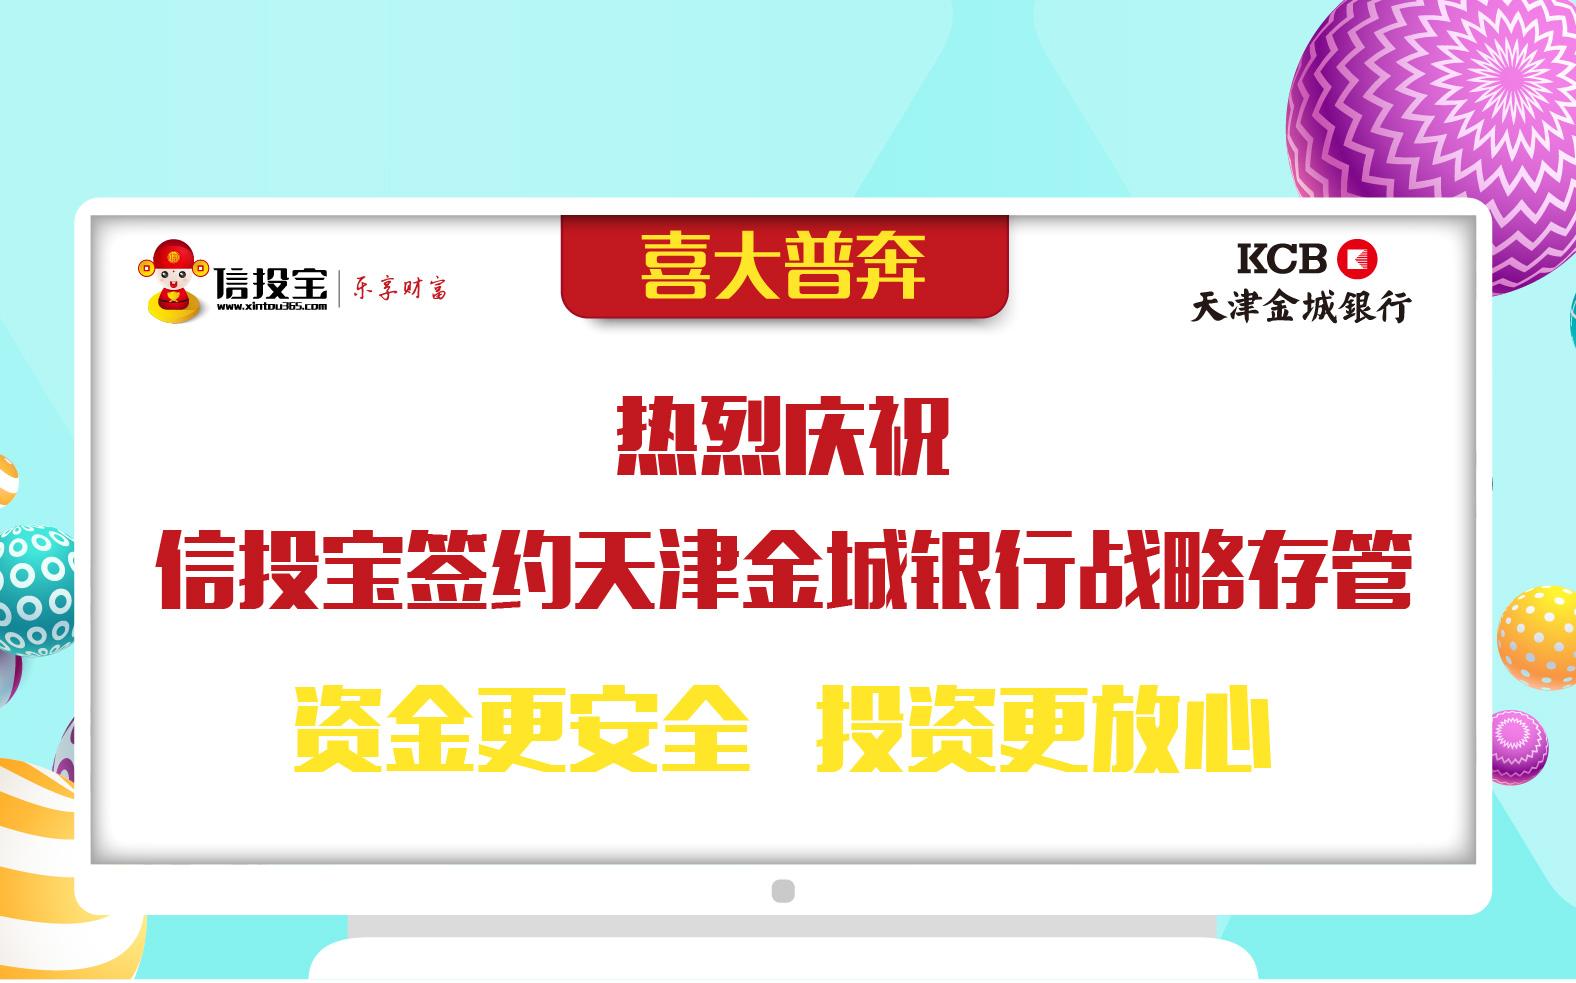 信投宝签约天津金城银行存管,为湖南首家民营系银行存管平台